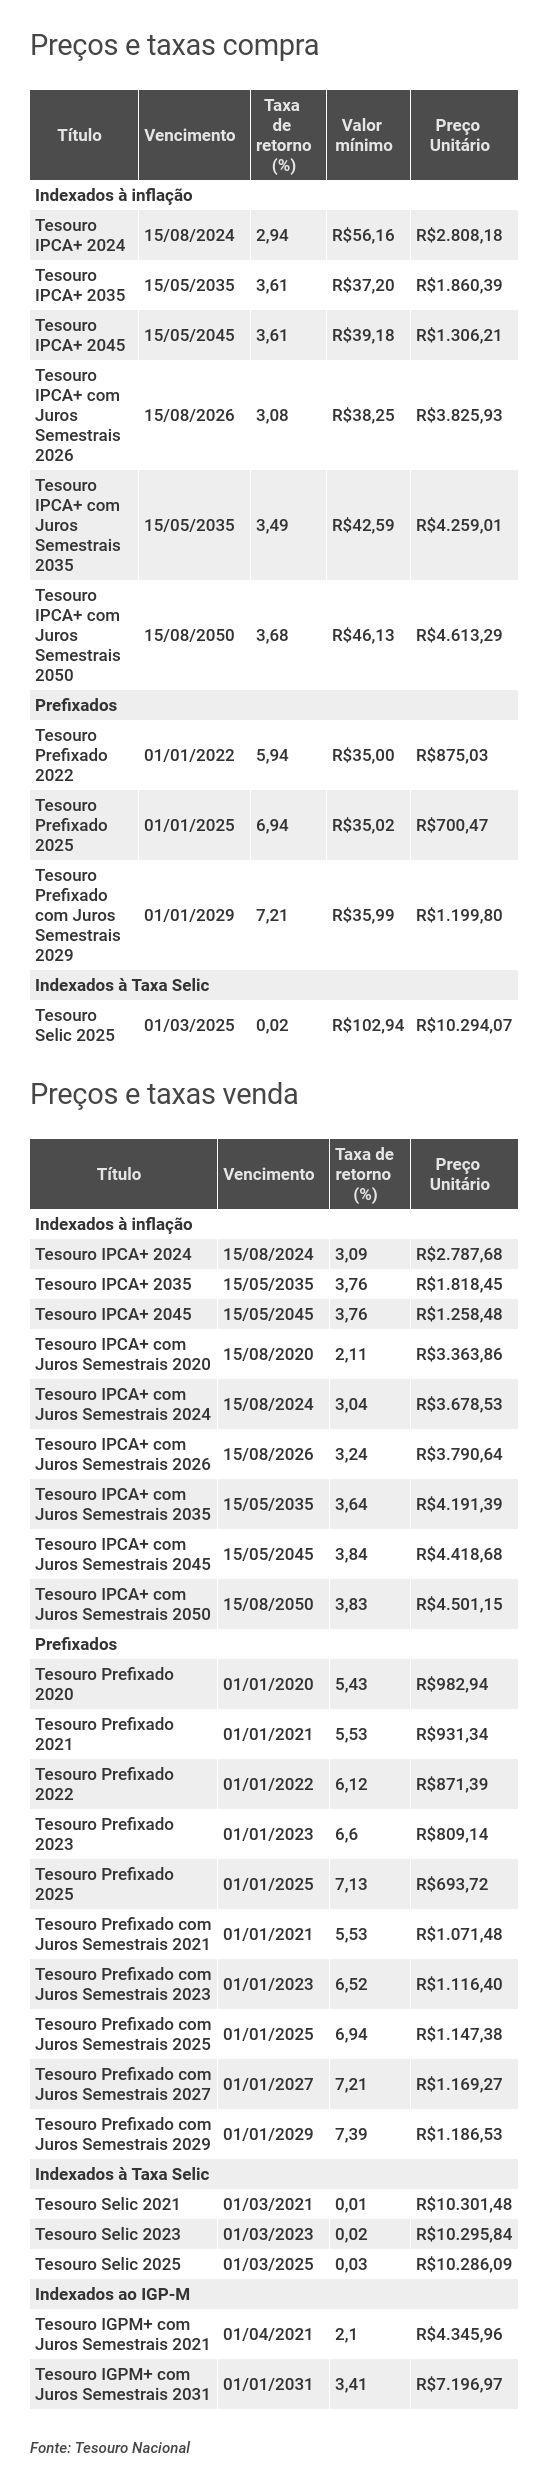 Preços e taxas do Tesouro Direto em 5 de setembro de 2019